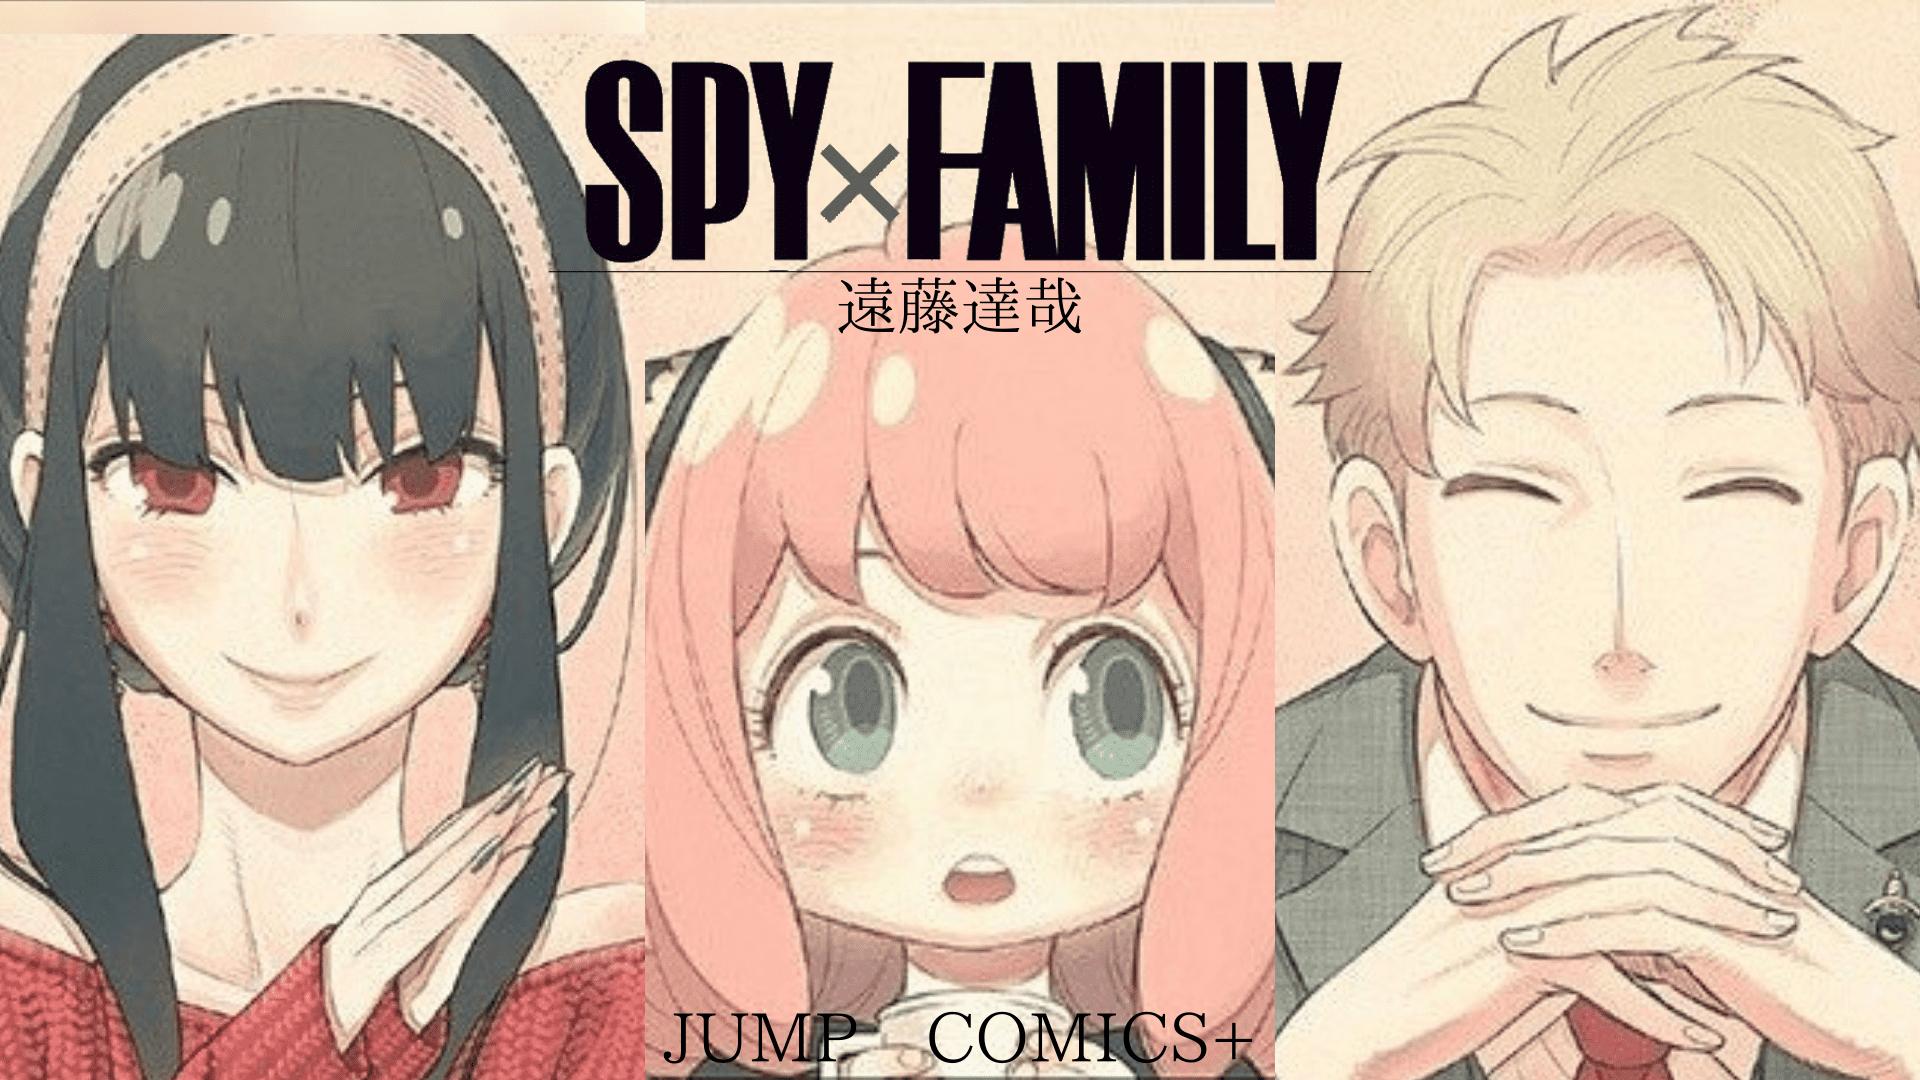 『SPY×FAMILY』3巻を無料で読むには?